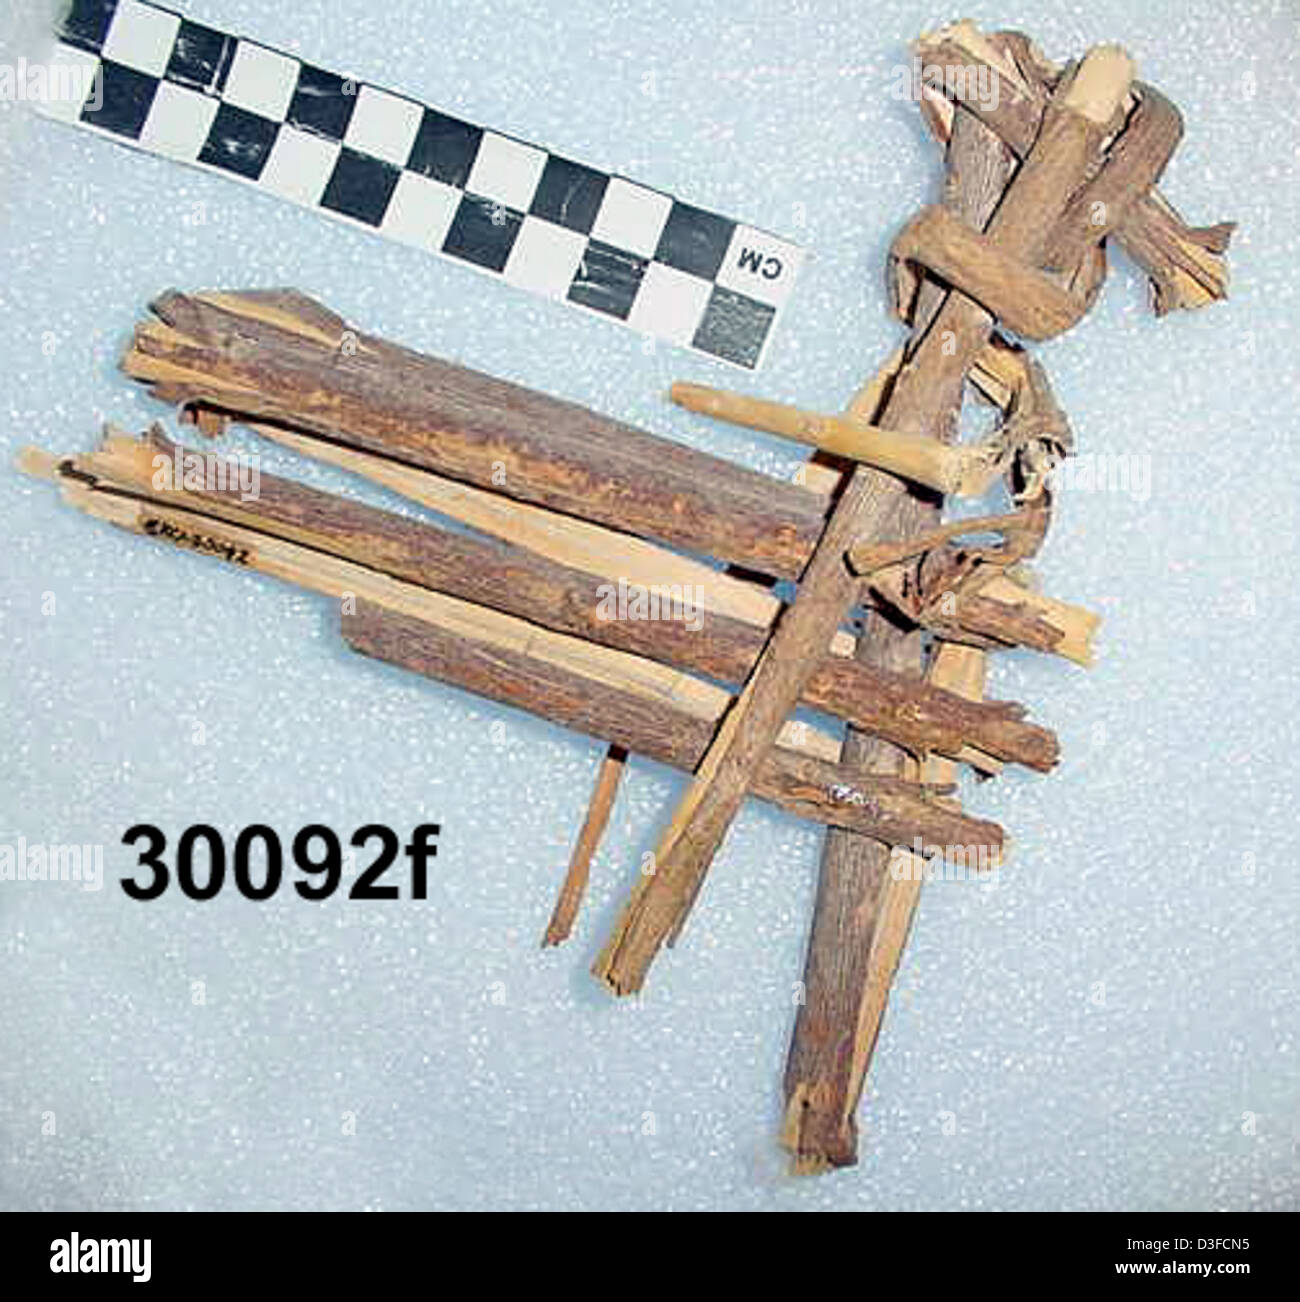 Split-Twig Figurine GRCA_30092f - Stock Image